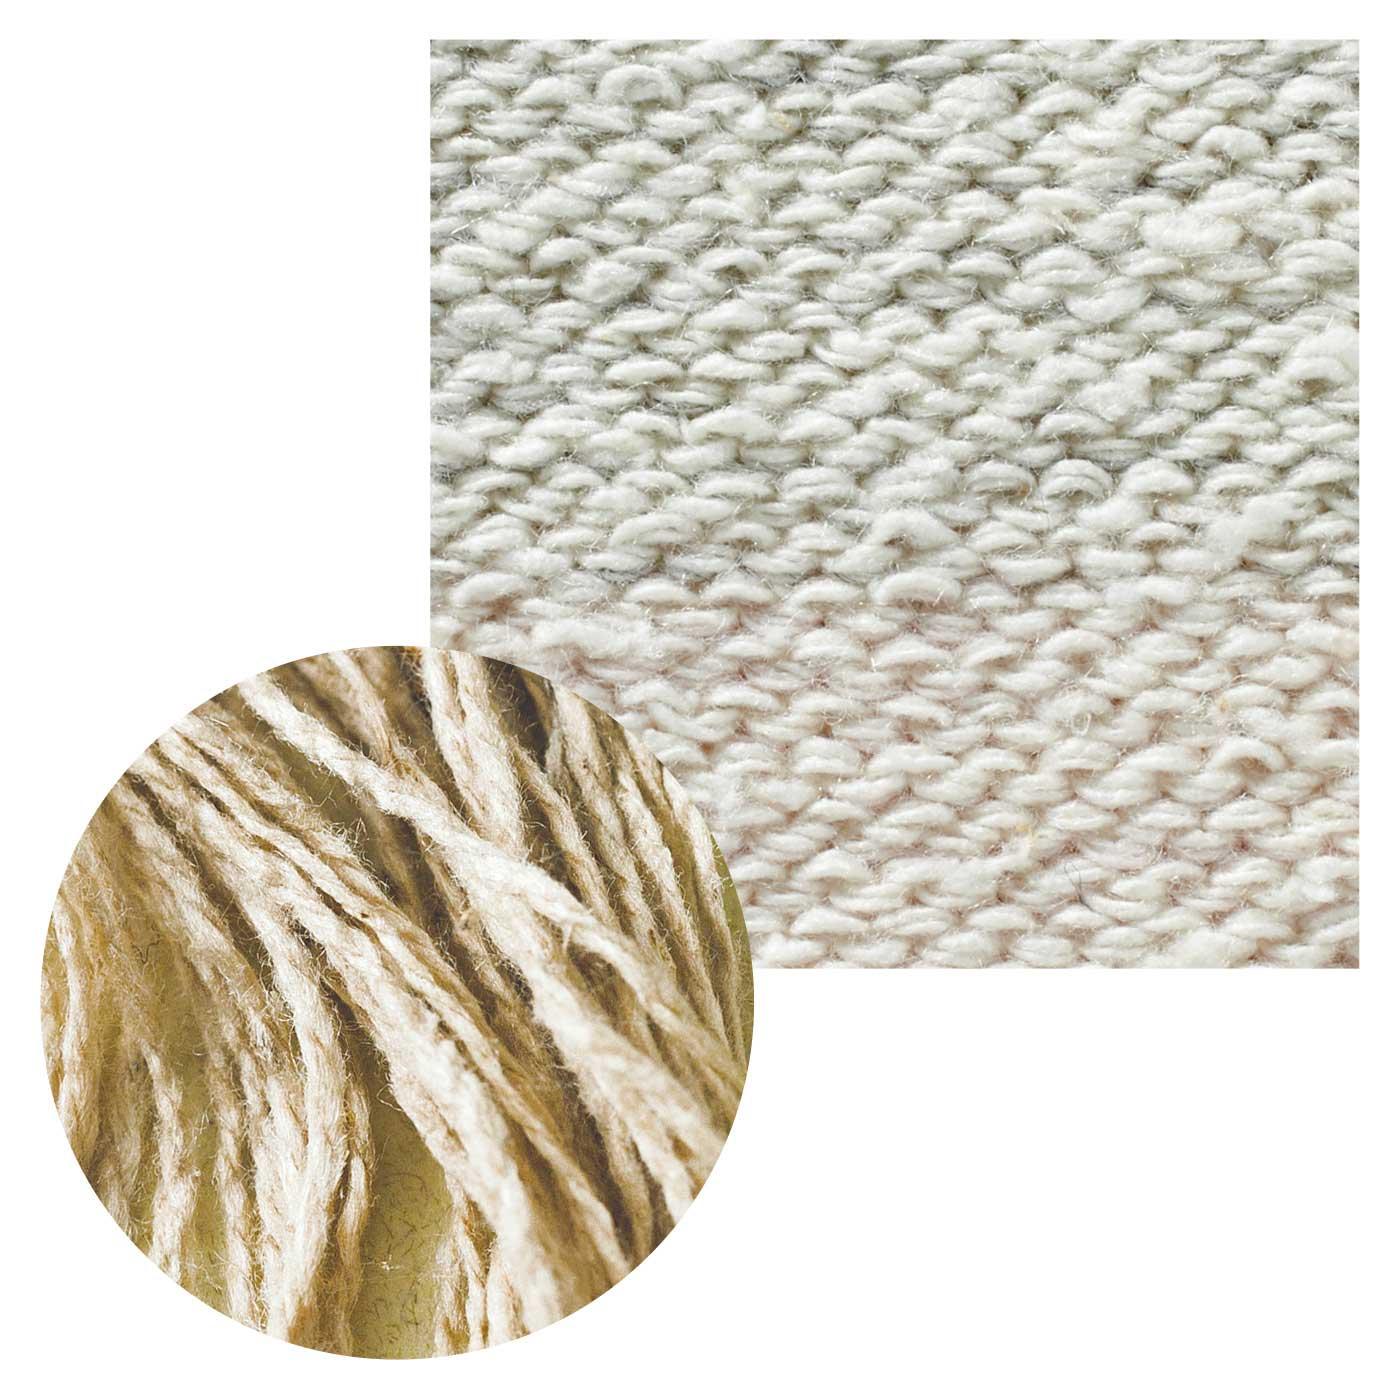 裏側にはふんわりとした太めのシルク糸を使用。ずれにくいのも特徴です。